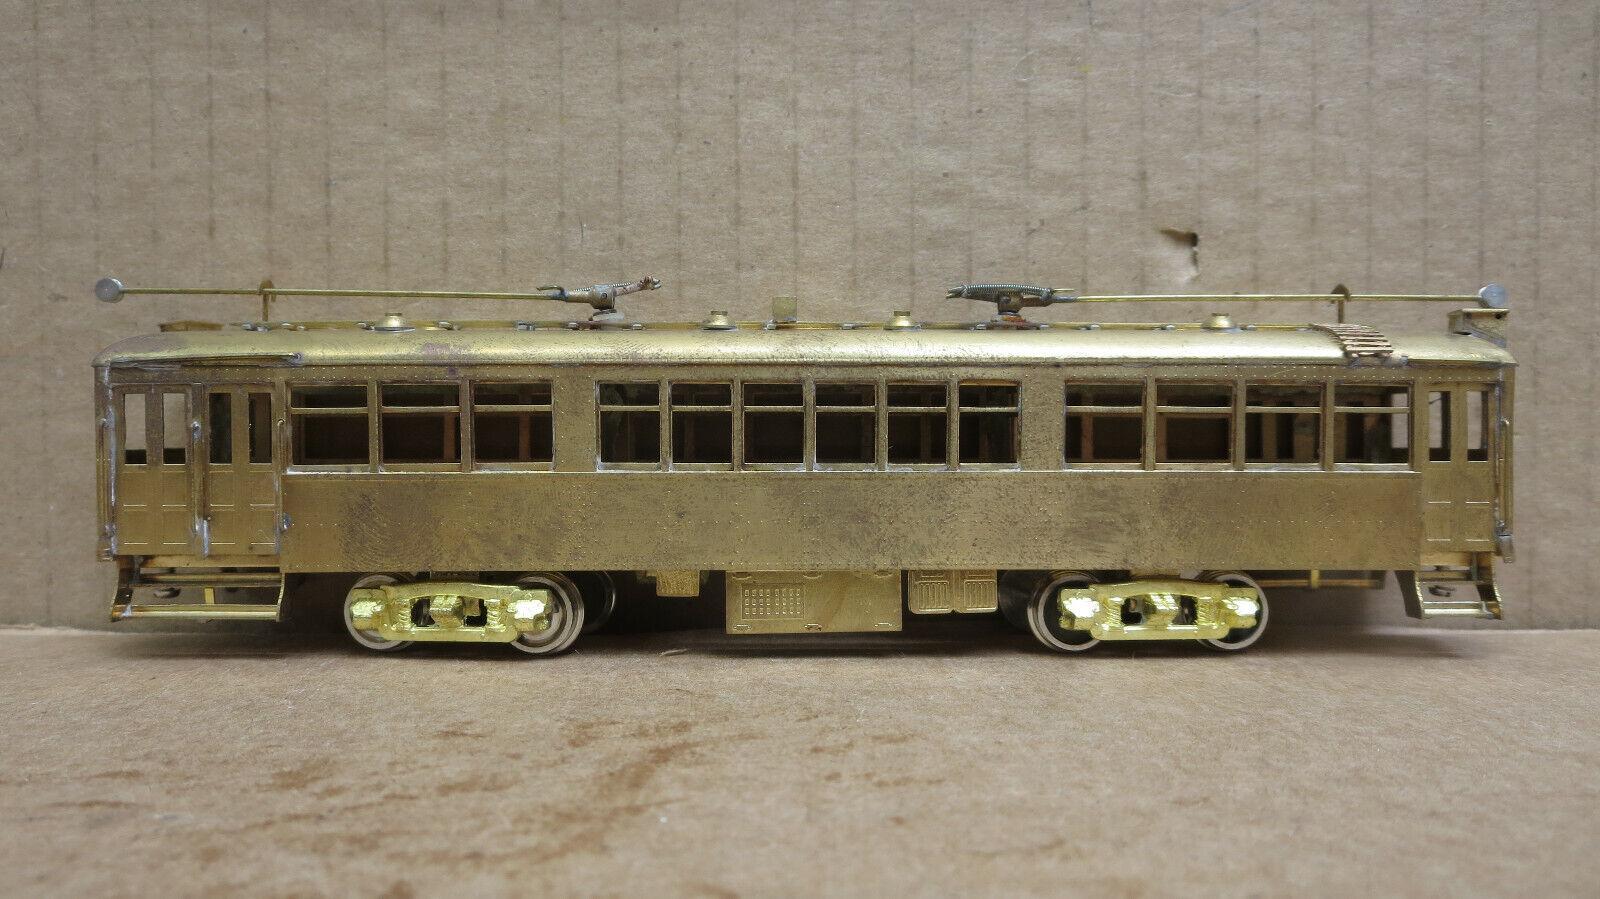 SOHO 0109 Los Angeles Railway tipo H3 senza alimentazione non verniciata in ottone  3 HO